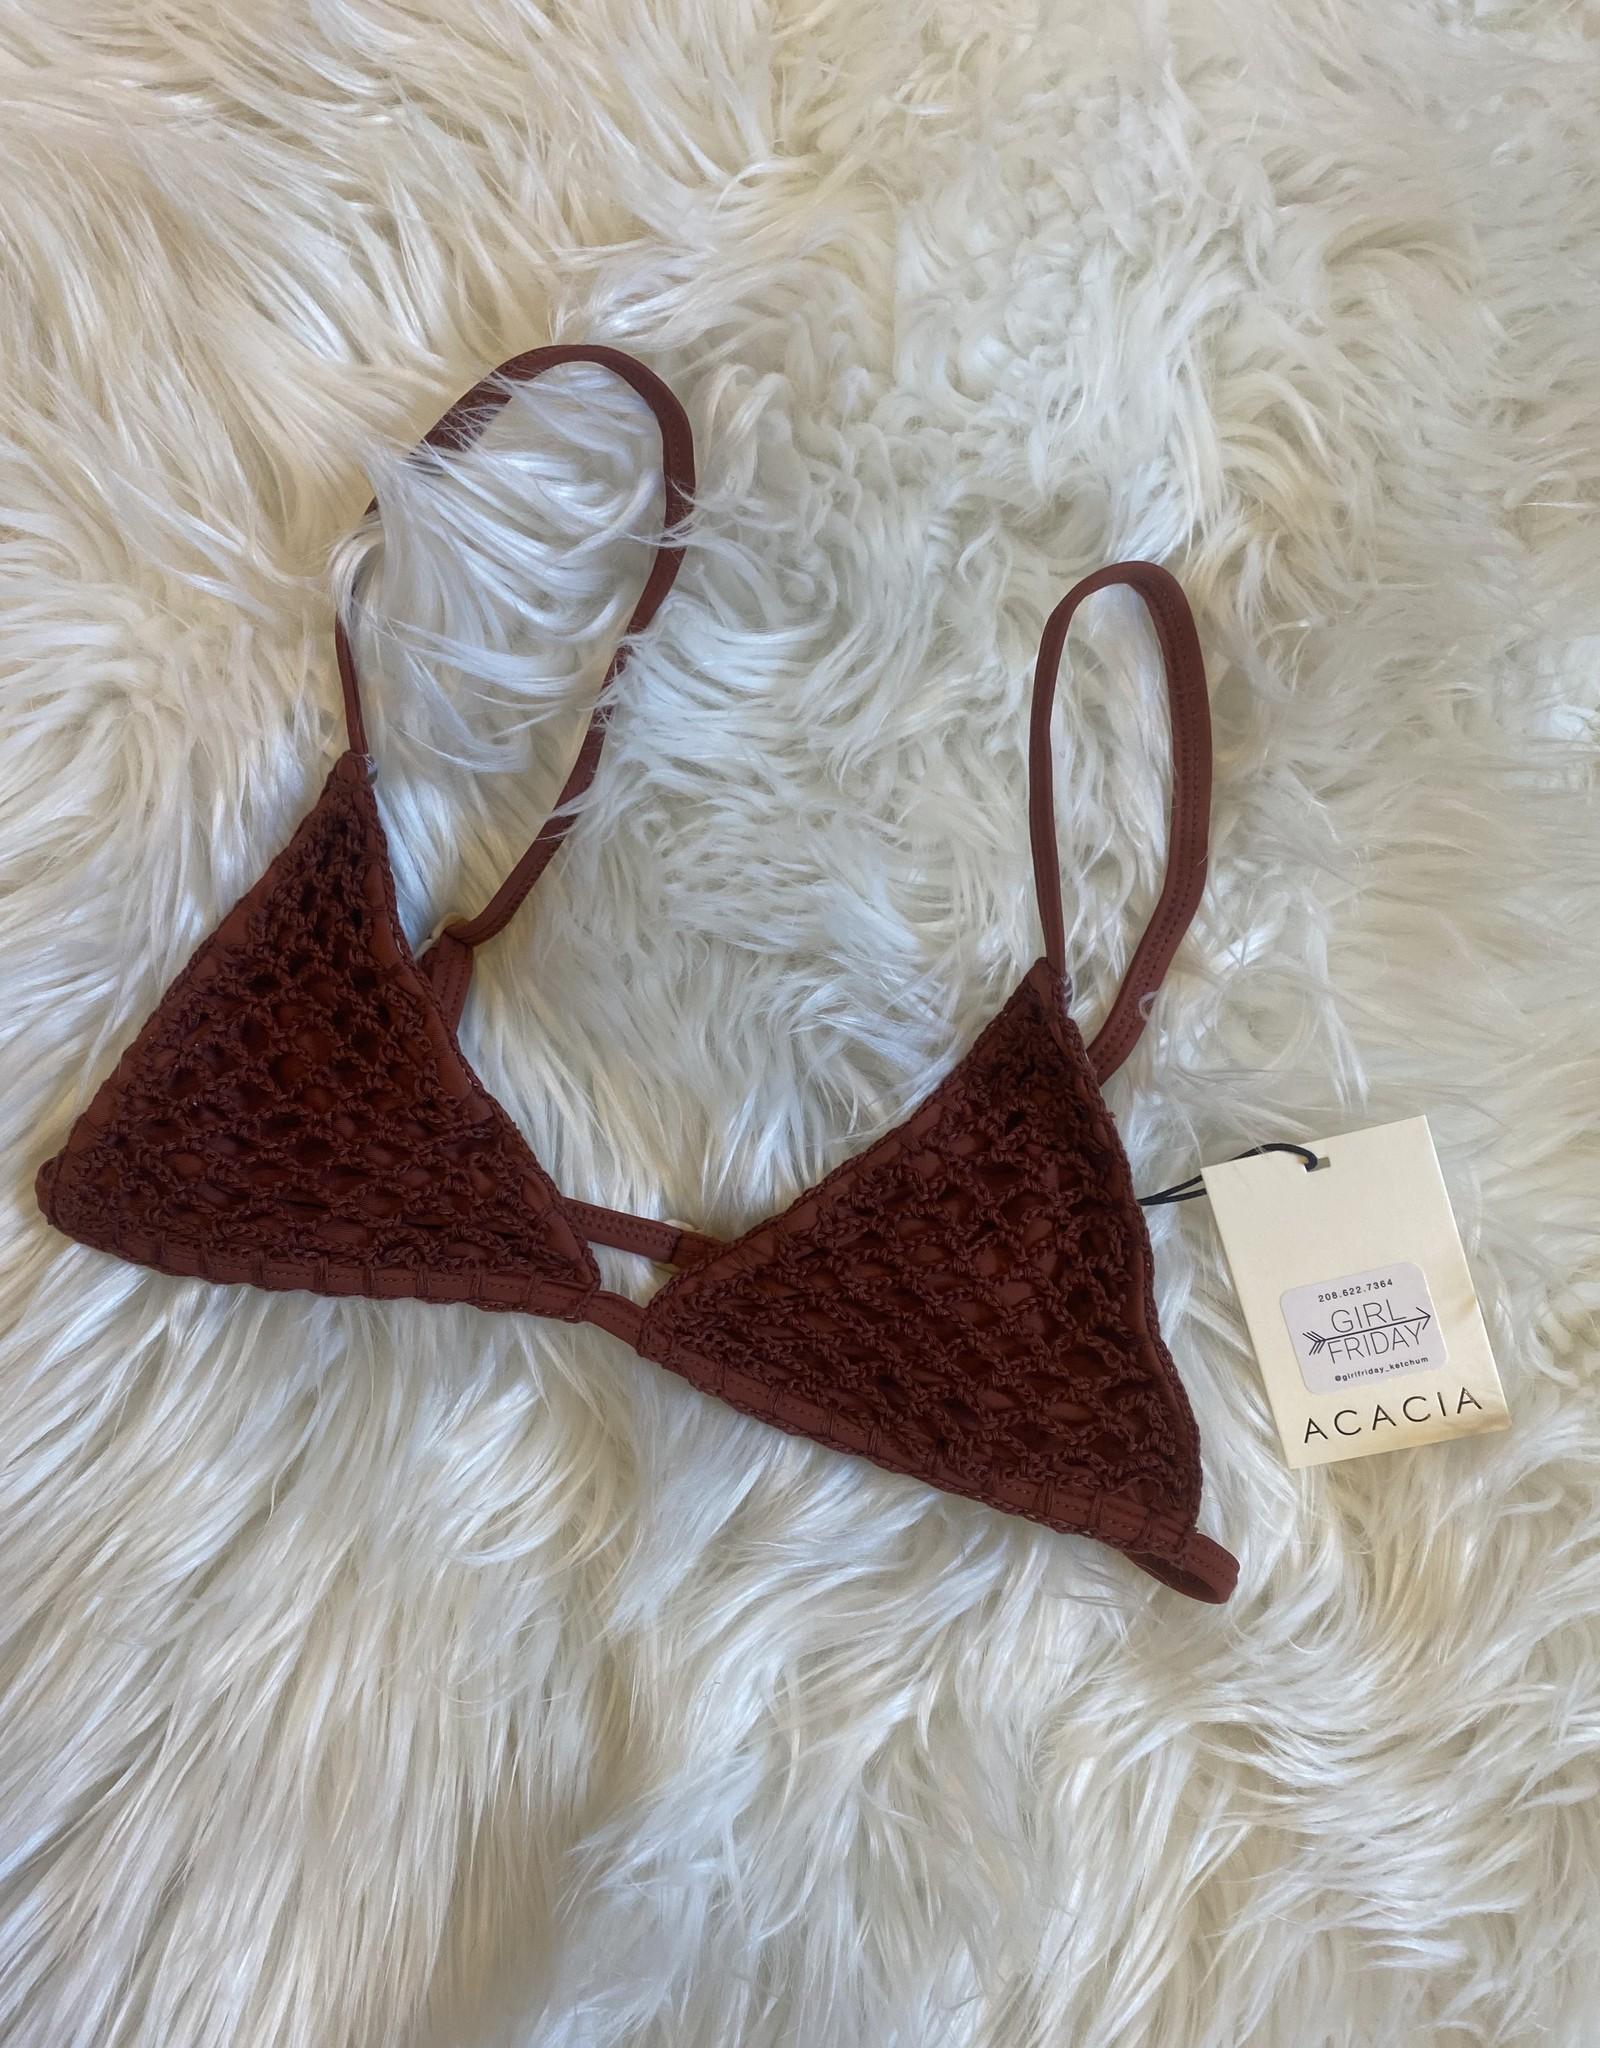 acacia Baja Crochet Top Clove